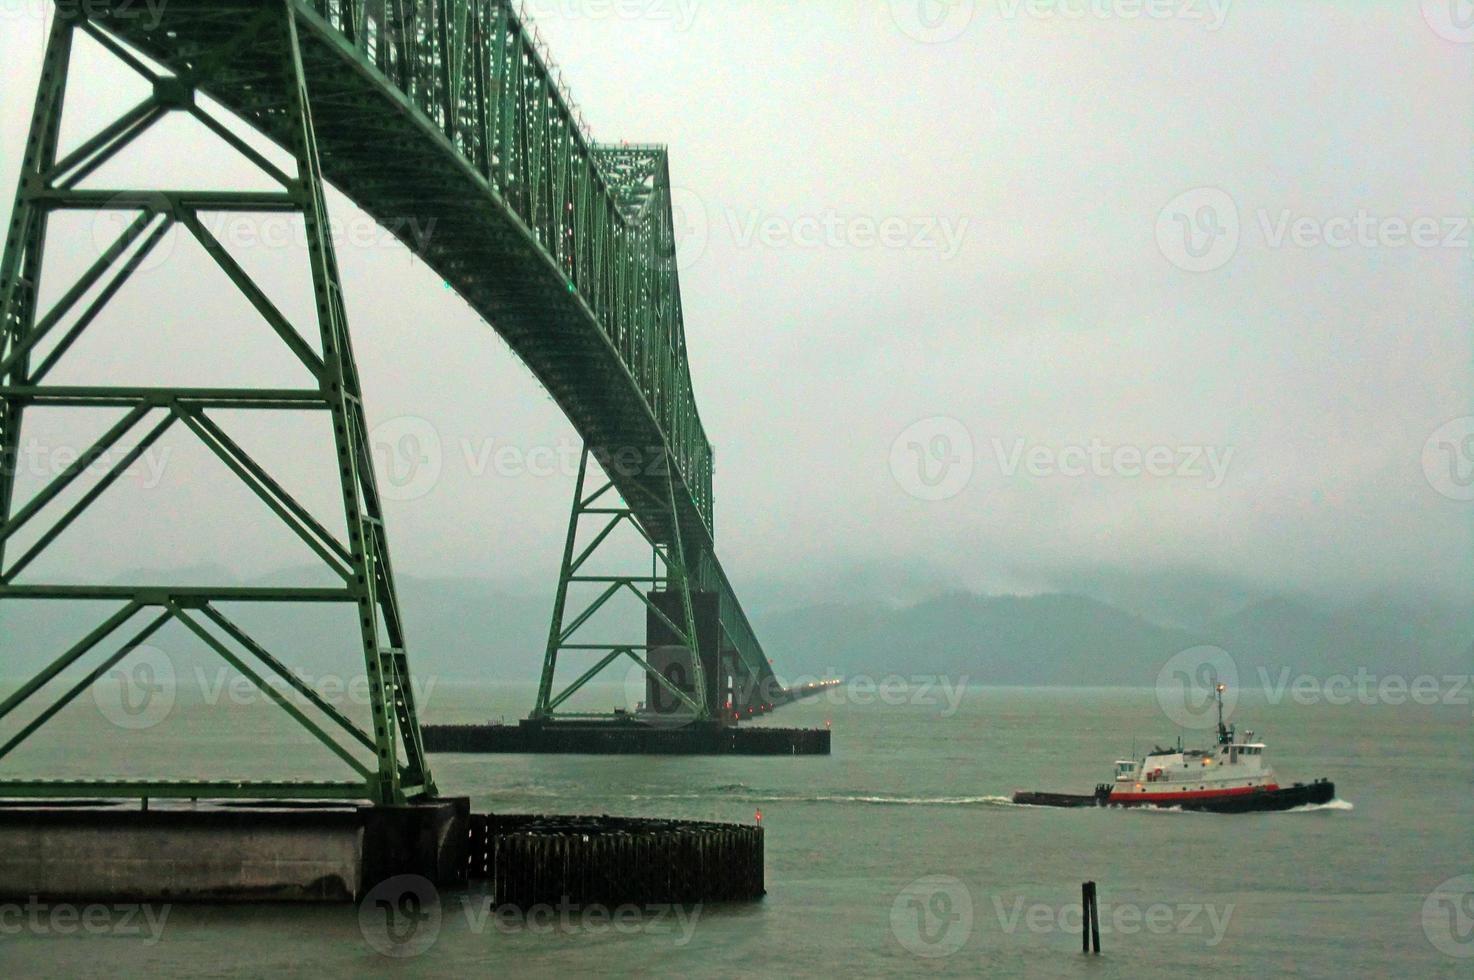 astoria-megler bridge och bogserbåt foto